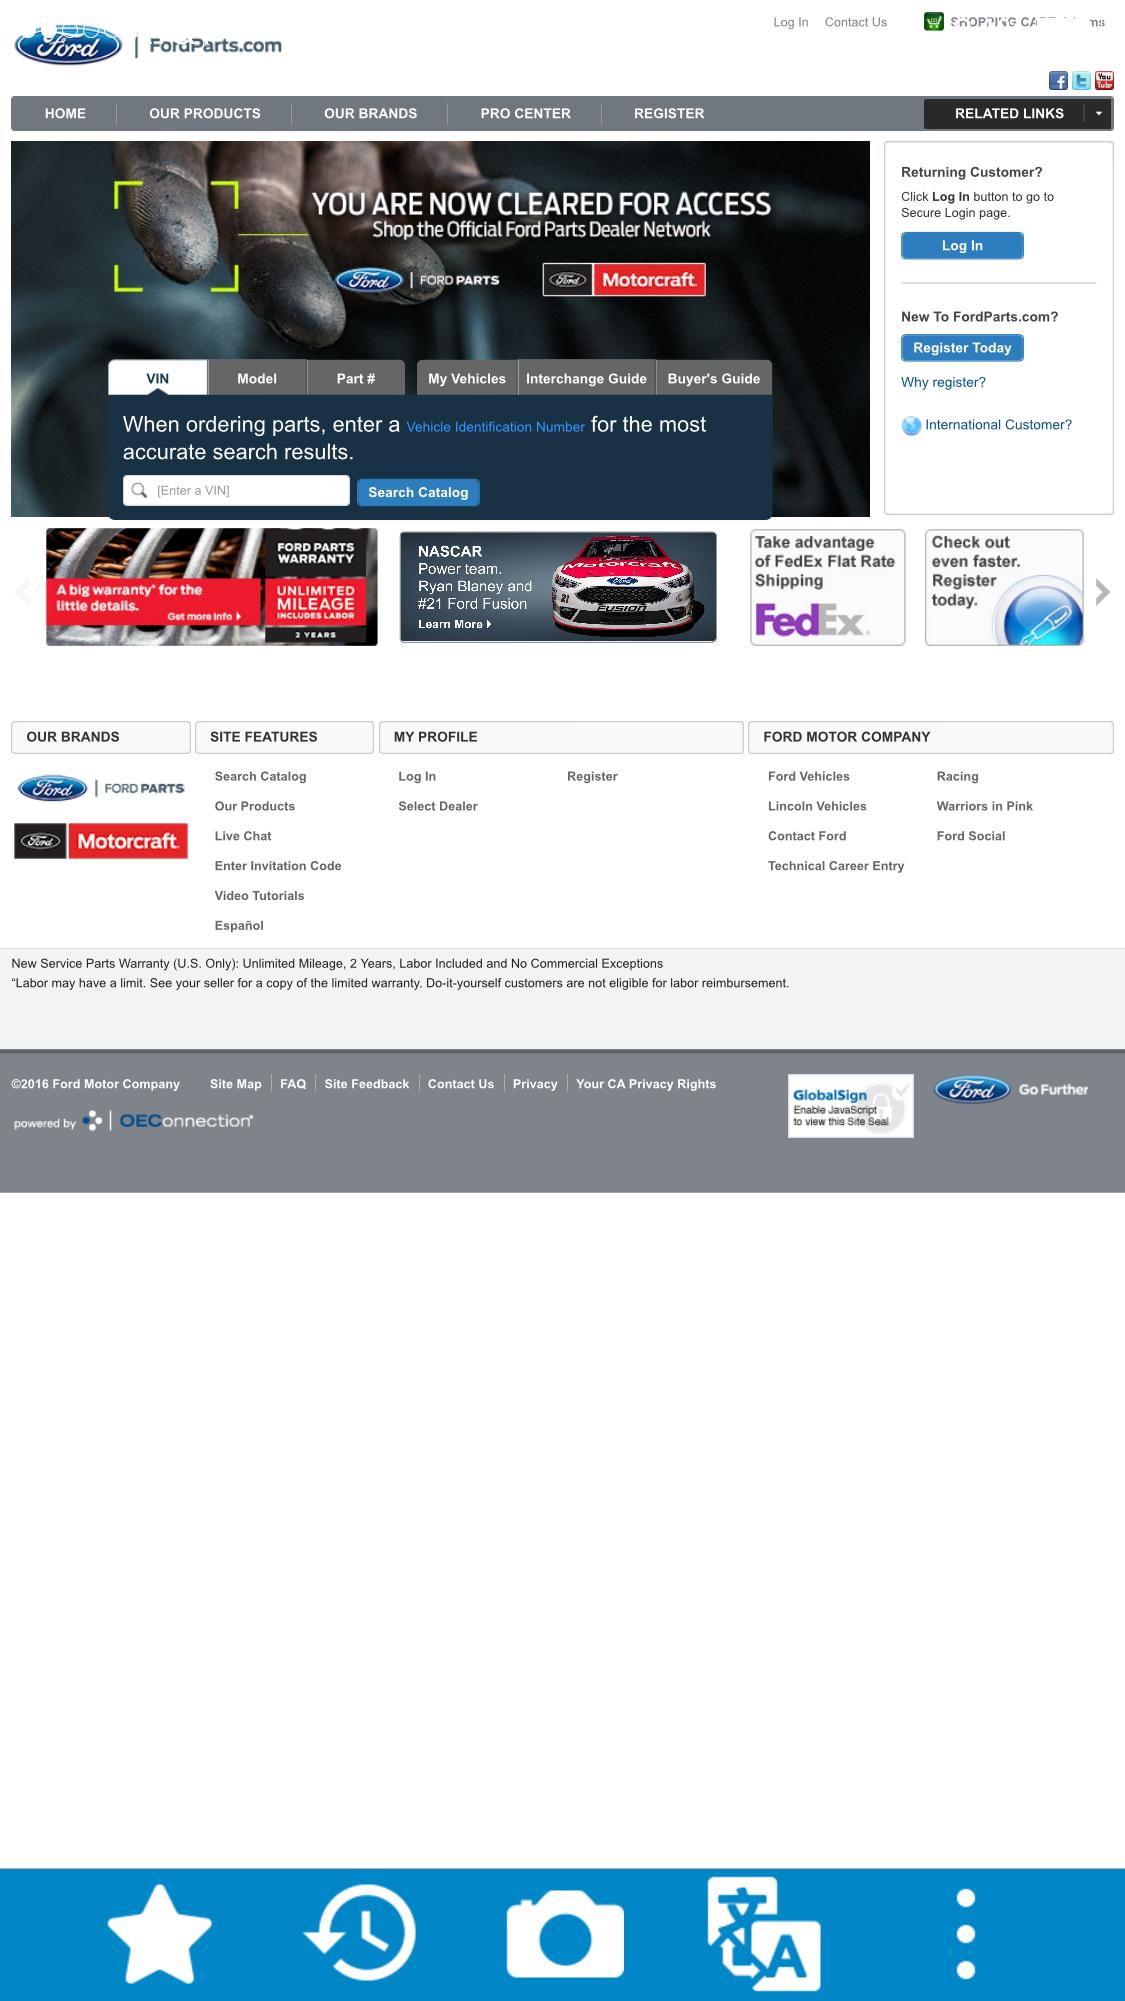 パーツは、VIN番号、車種(Model)、パーツ番号から検索できます。